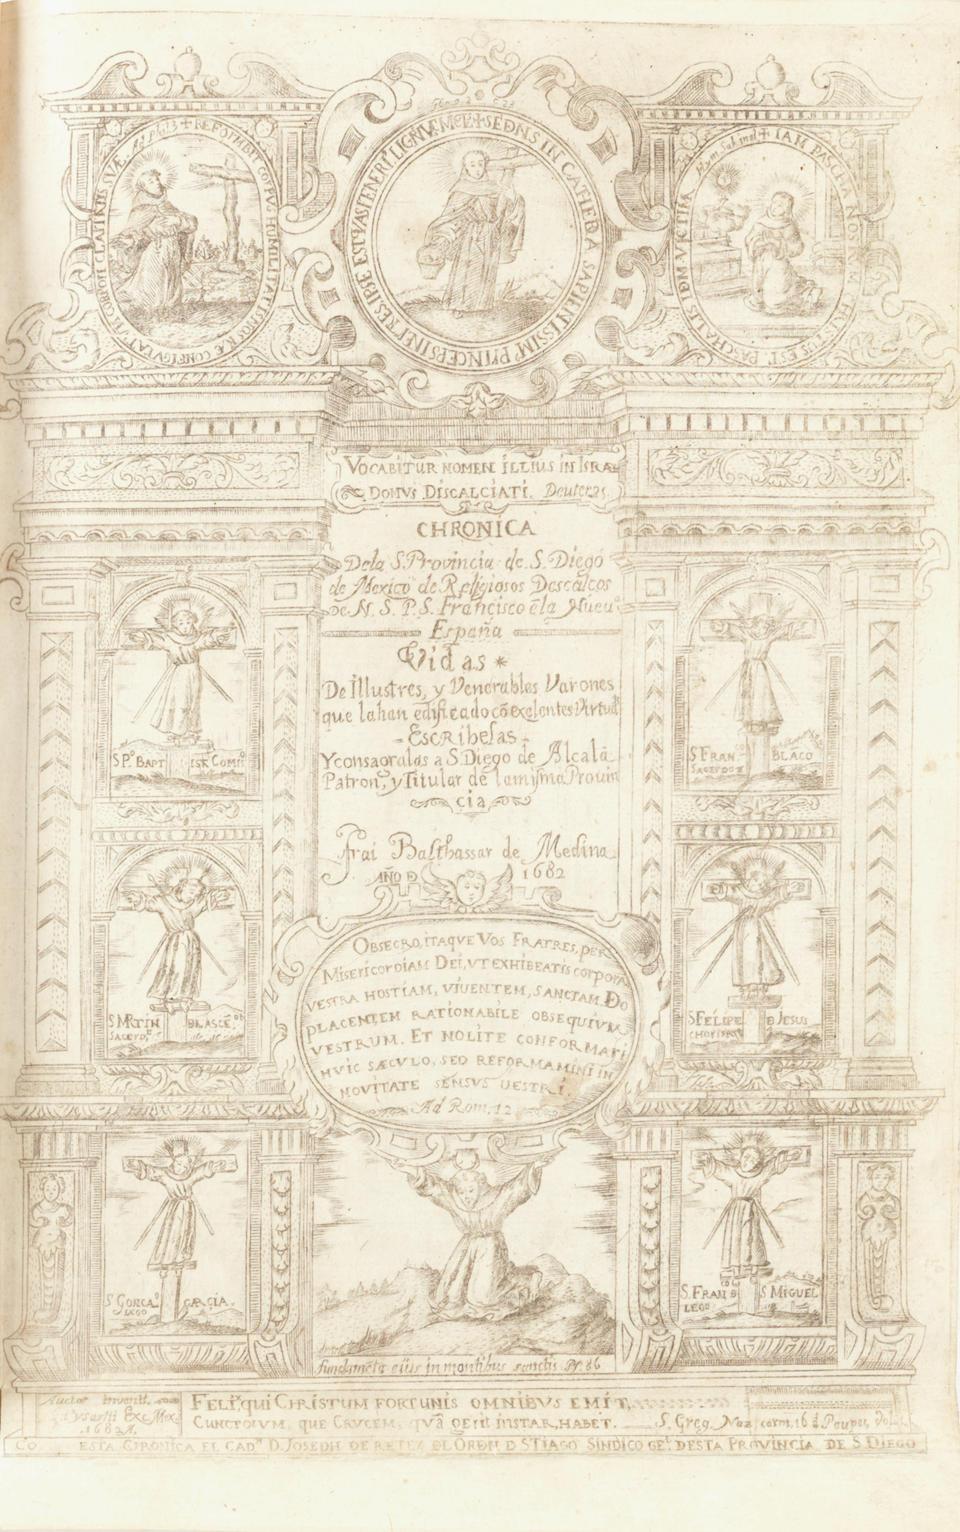 MEDINA (BALTHASAR DE) Chronica de la santa provincia de San Diego de Mexico, de religiosos descalcos de N.S.P.S. Francisco en la Nueva-Espana, FIRST EDITION, Mexico, Juan de Ribera, 1682